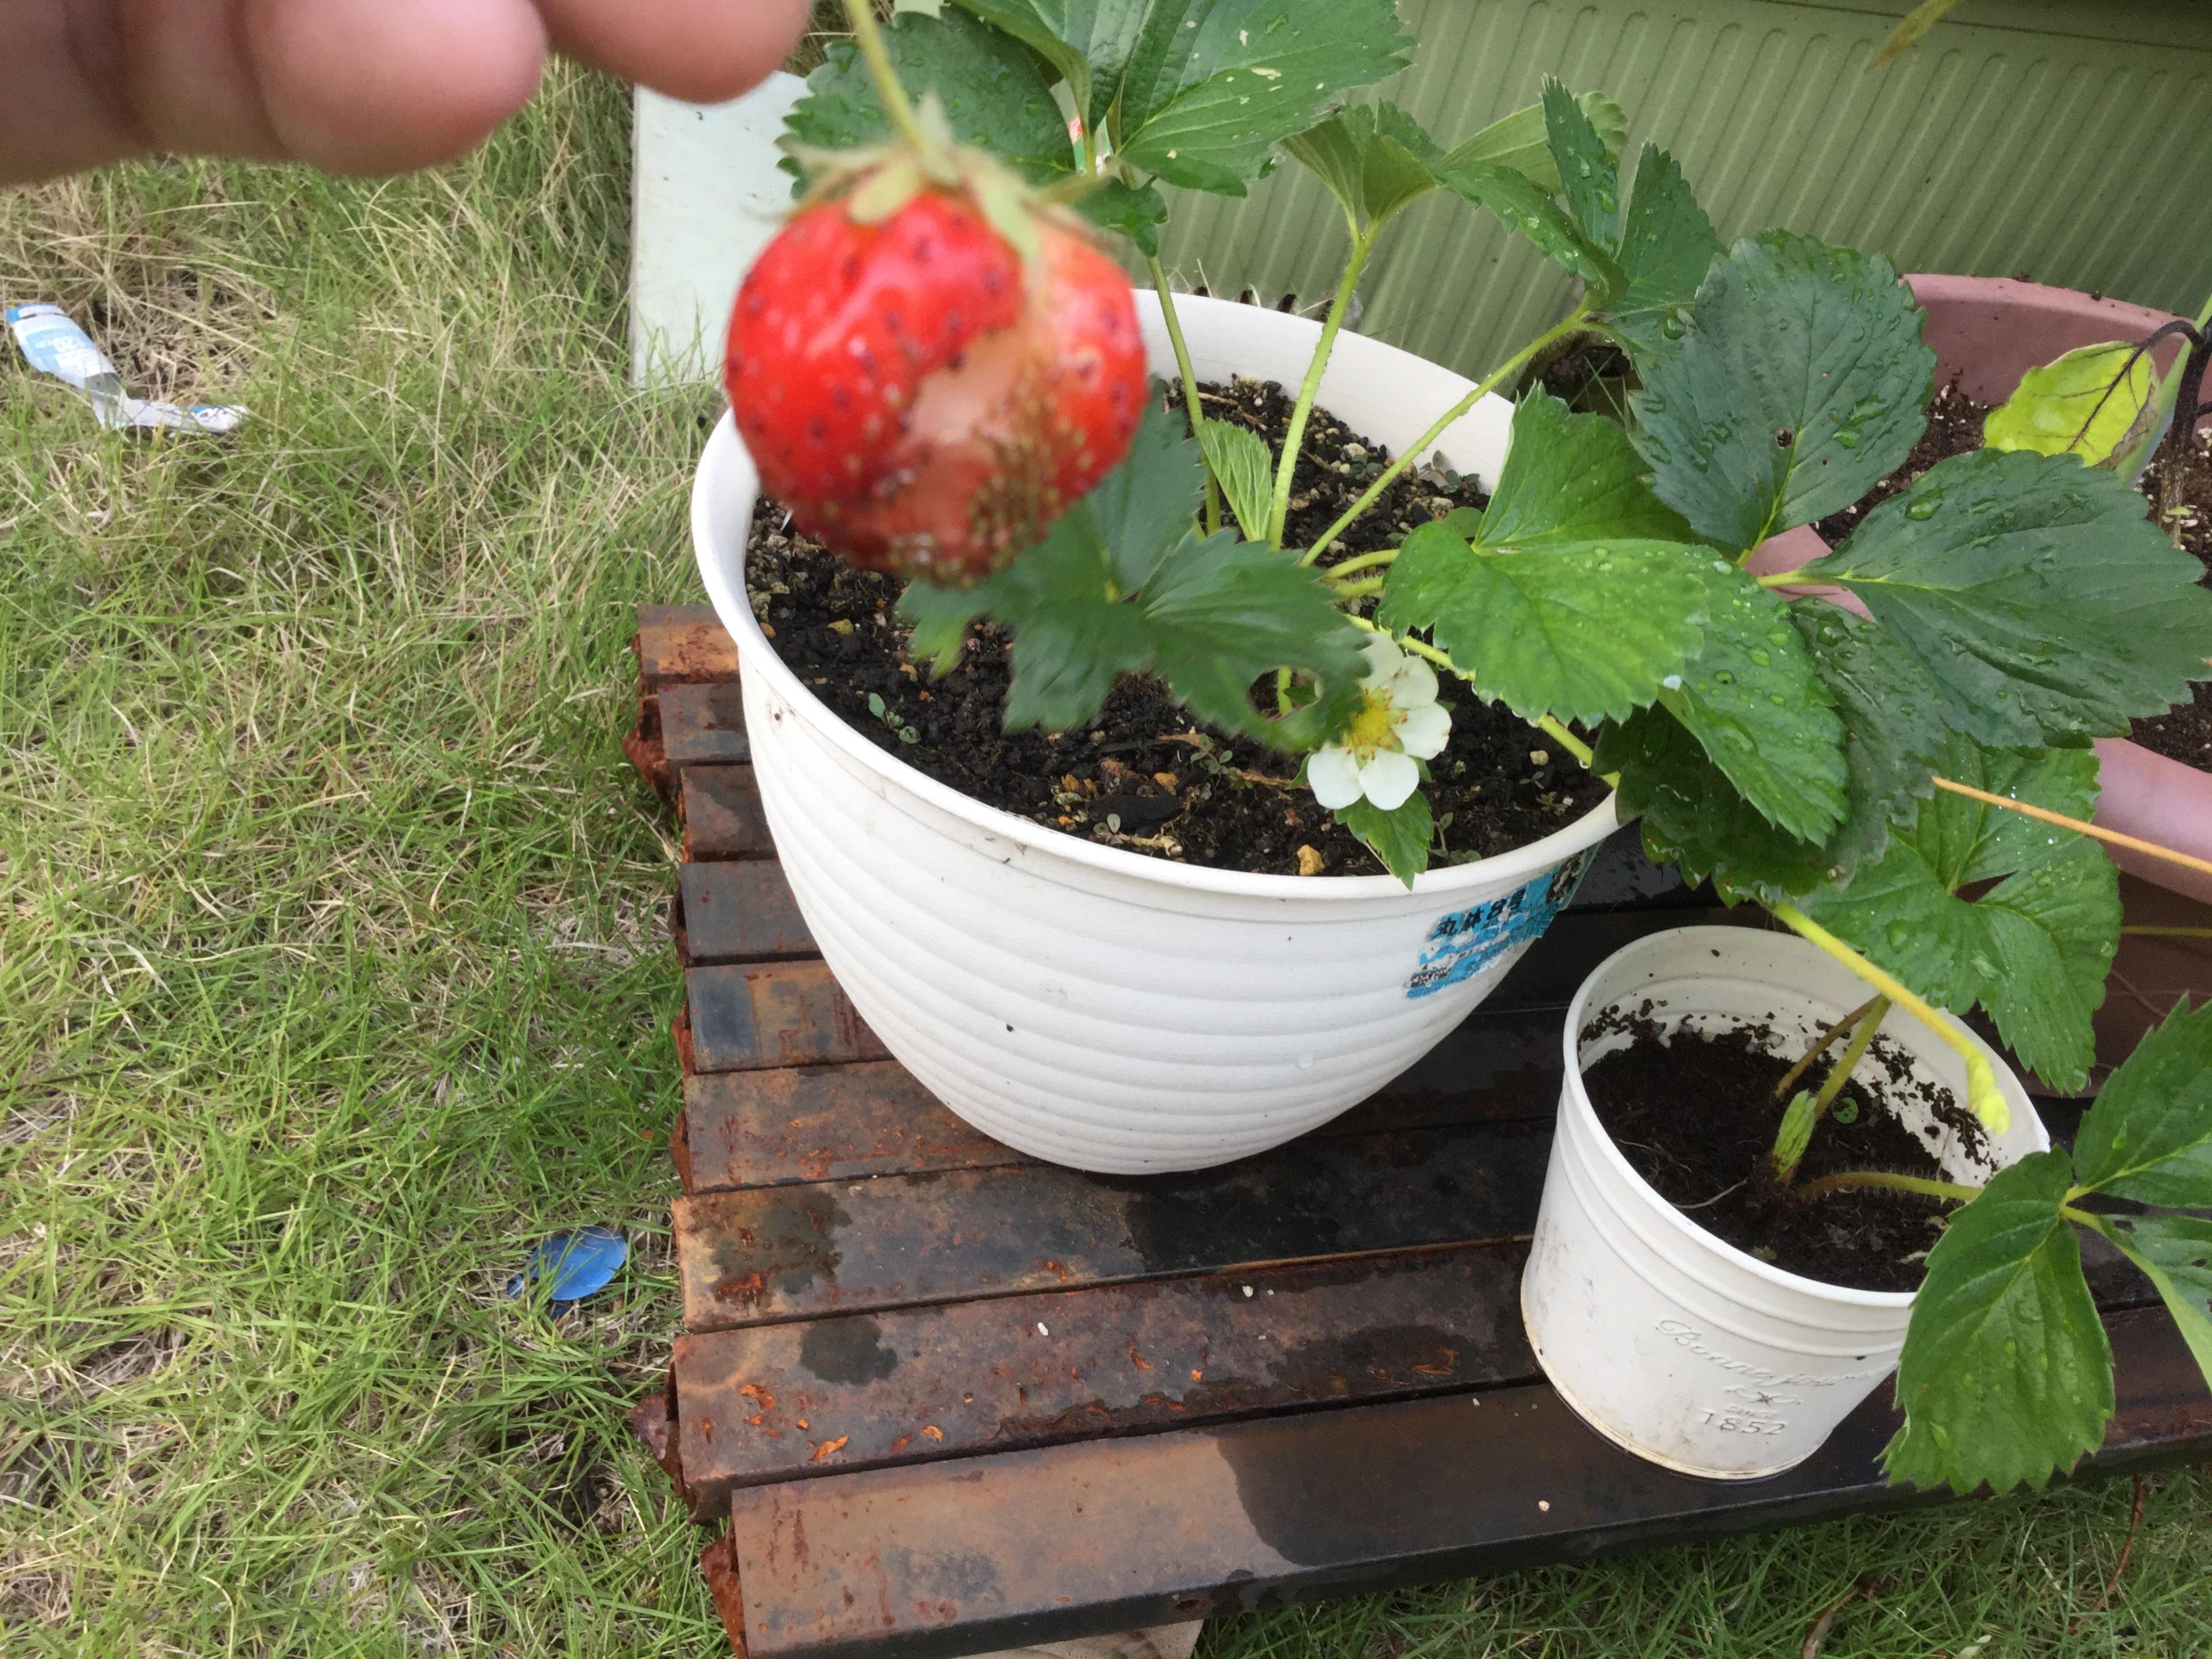 いよいよ収穫四季成りイチゴ!でもどんでん返し・・・6月21日